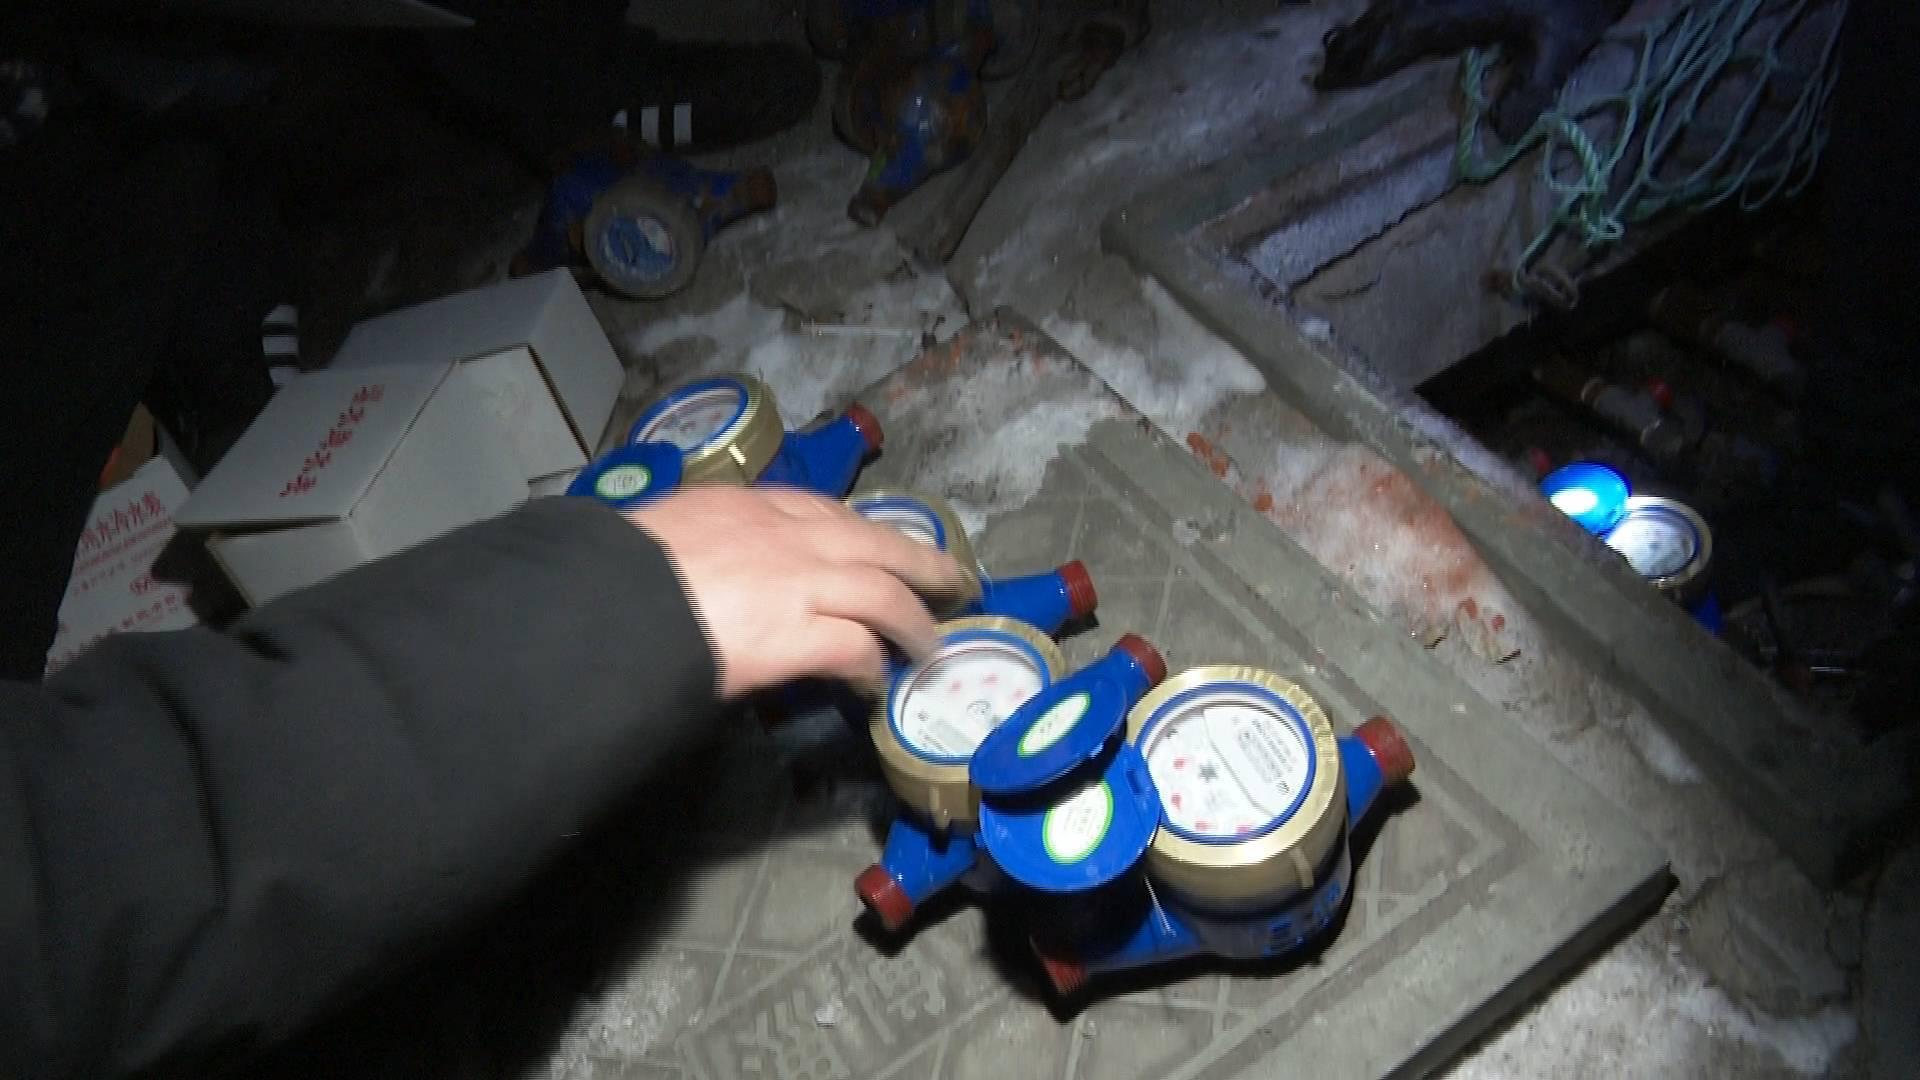 管道结冰水表冻裂 淄博自来水维修人员零下15℃工作15个小时抢修保供水